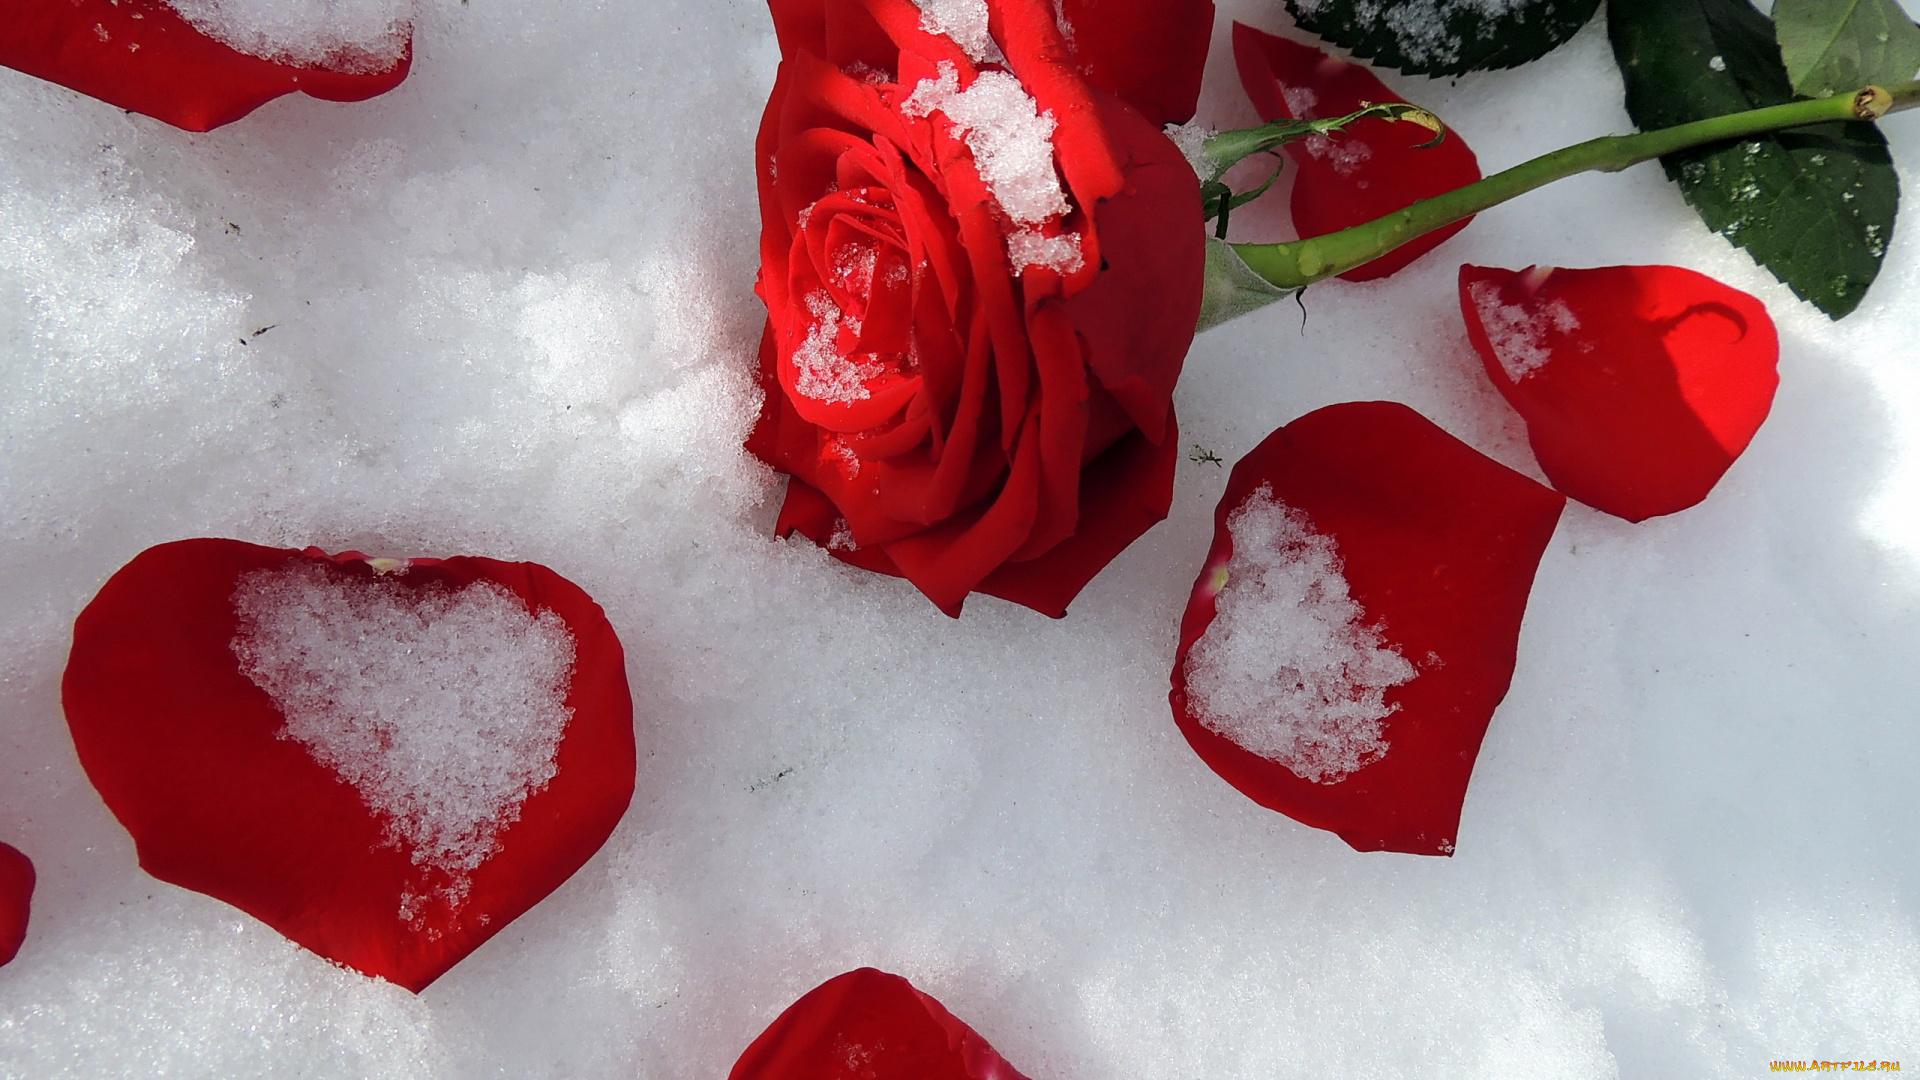 Букет цветов на снегу в темноте, розничный склады цветов